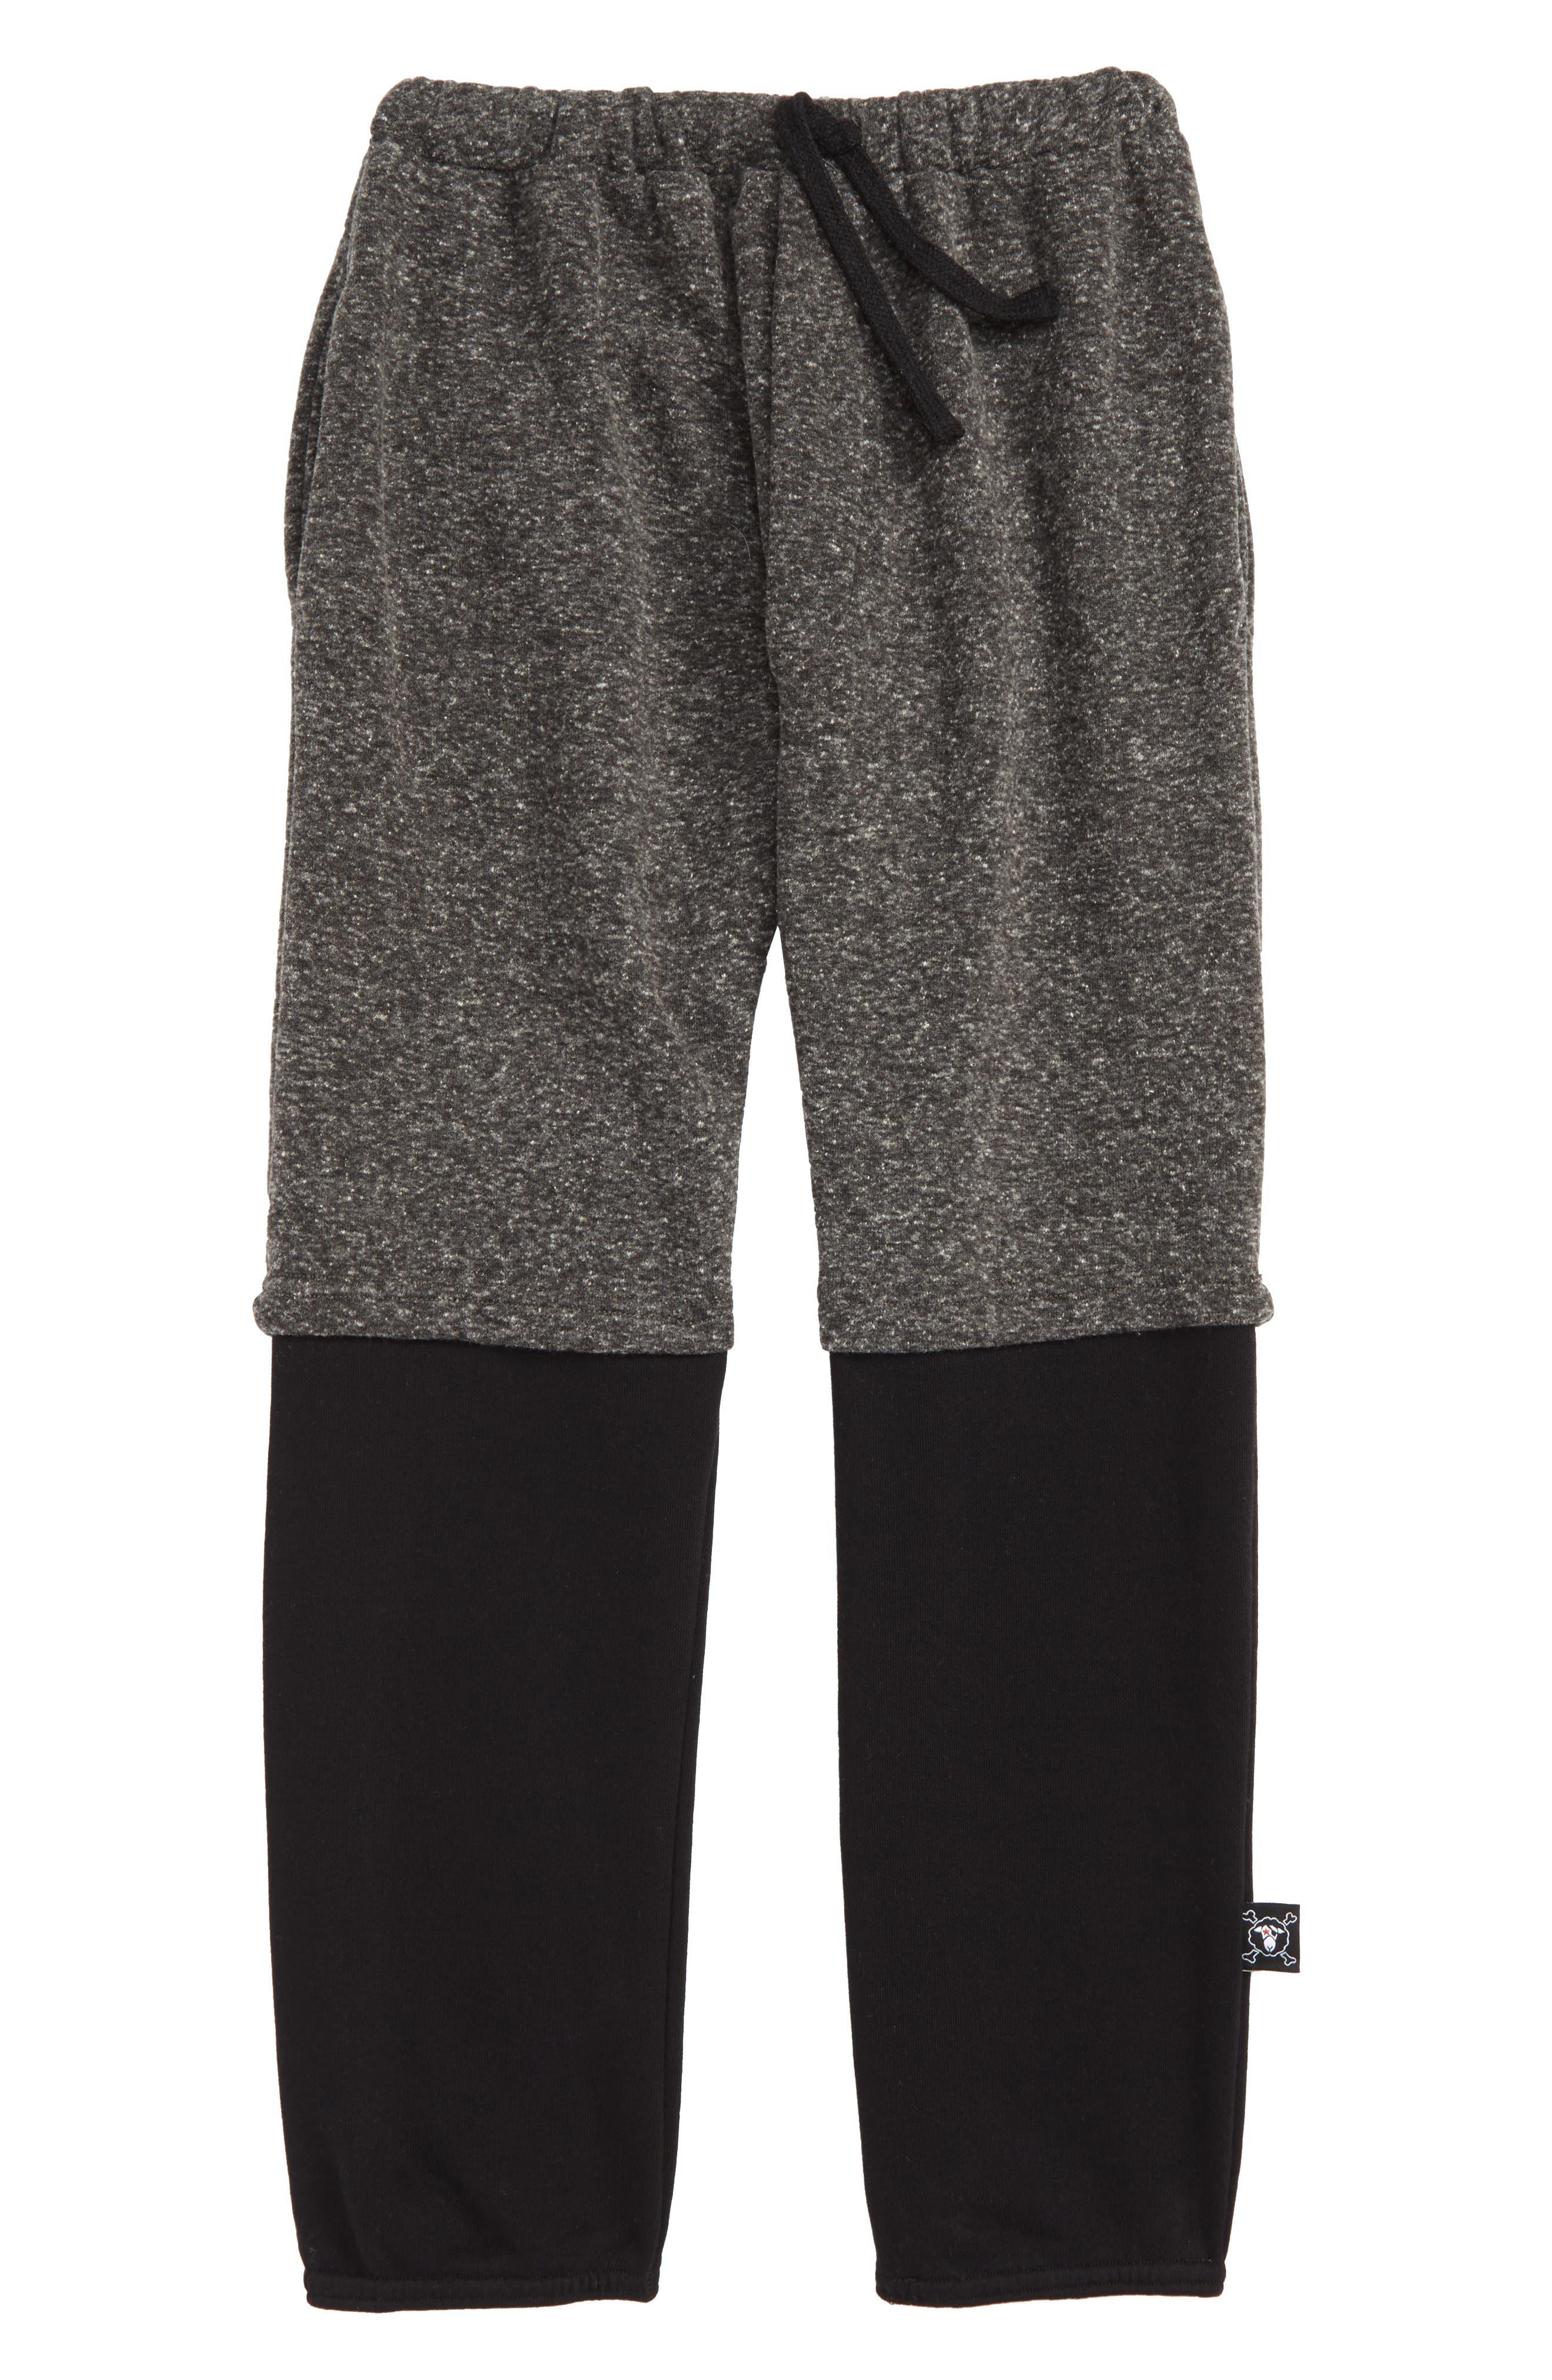 Double Sweatpants,                         Main,                         color, BLACK/ CHARCOAL